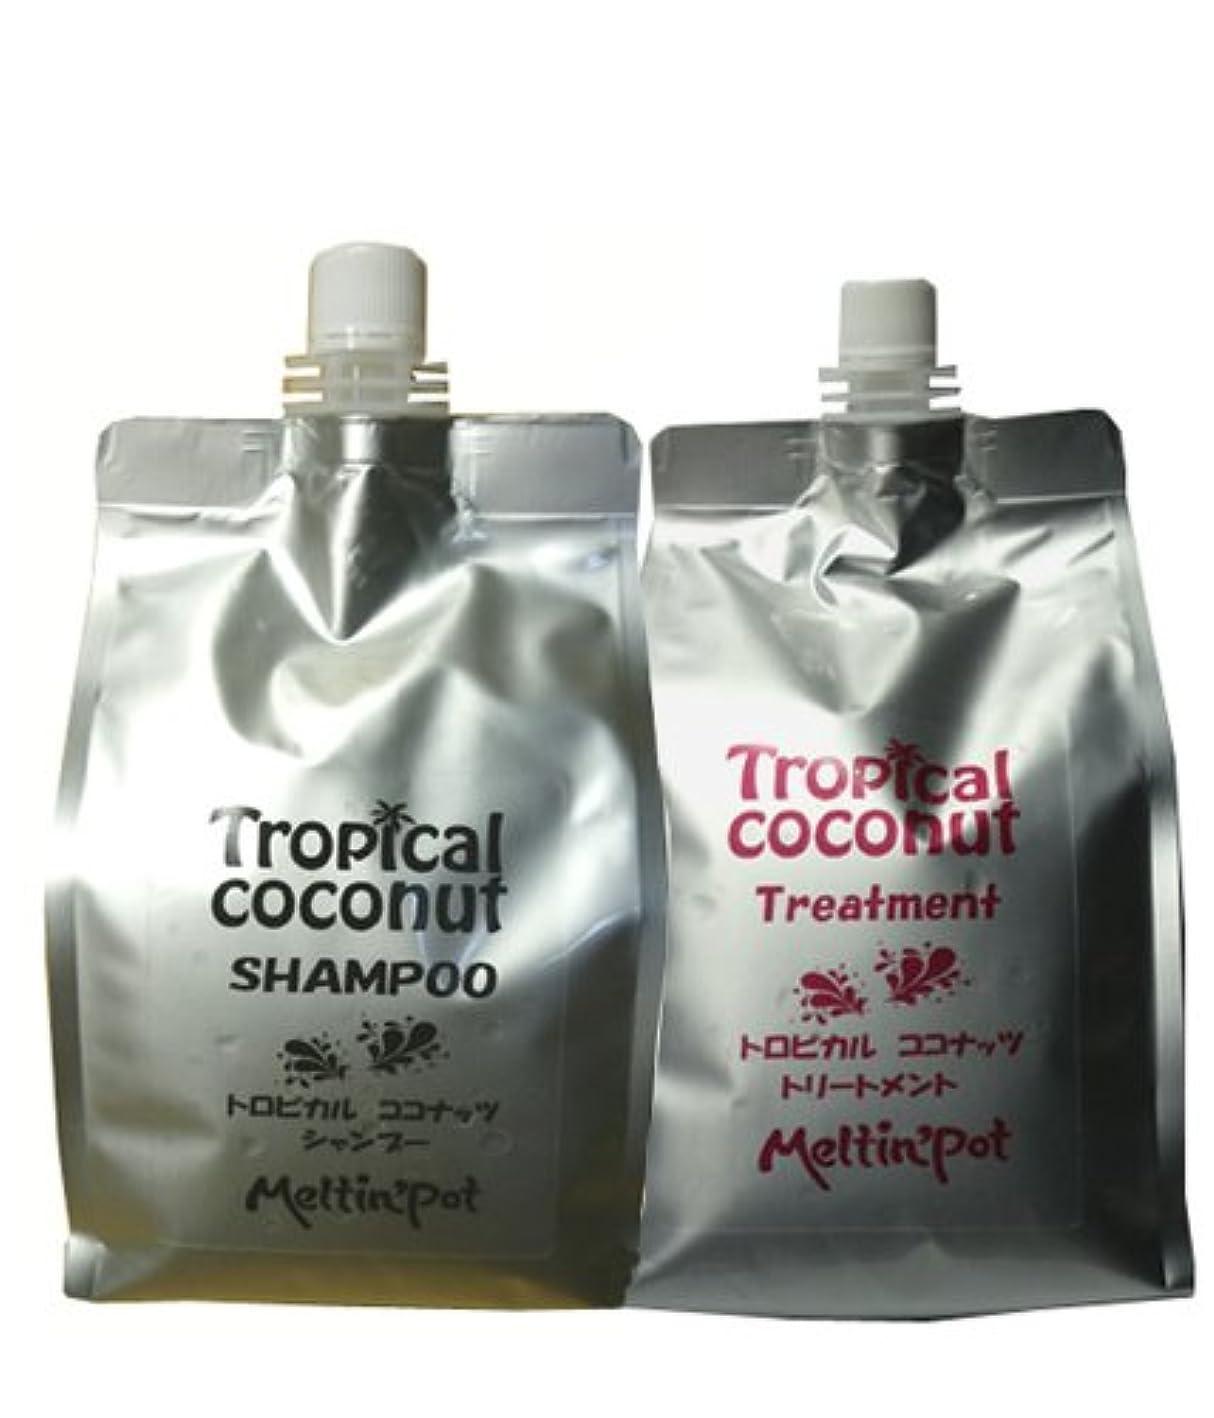 事実上メールを書く変動するトロピカルココナッツ シャンプー&トリートメント 1000ml*2  Tropical coconut shampoo&treatment